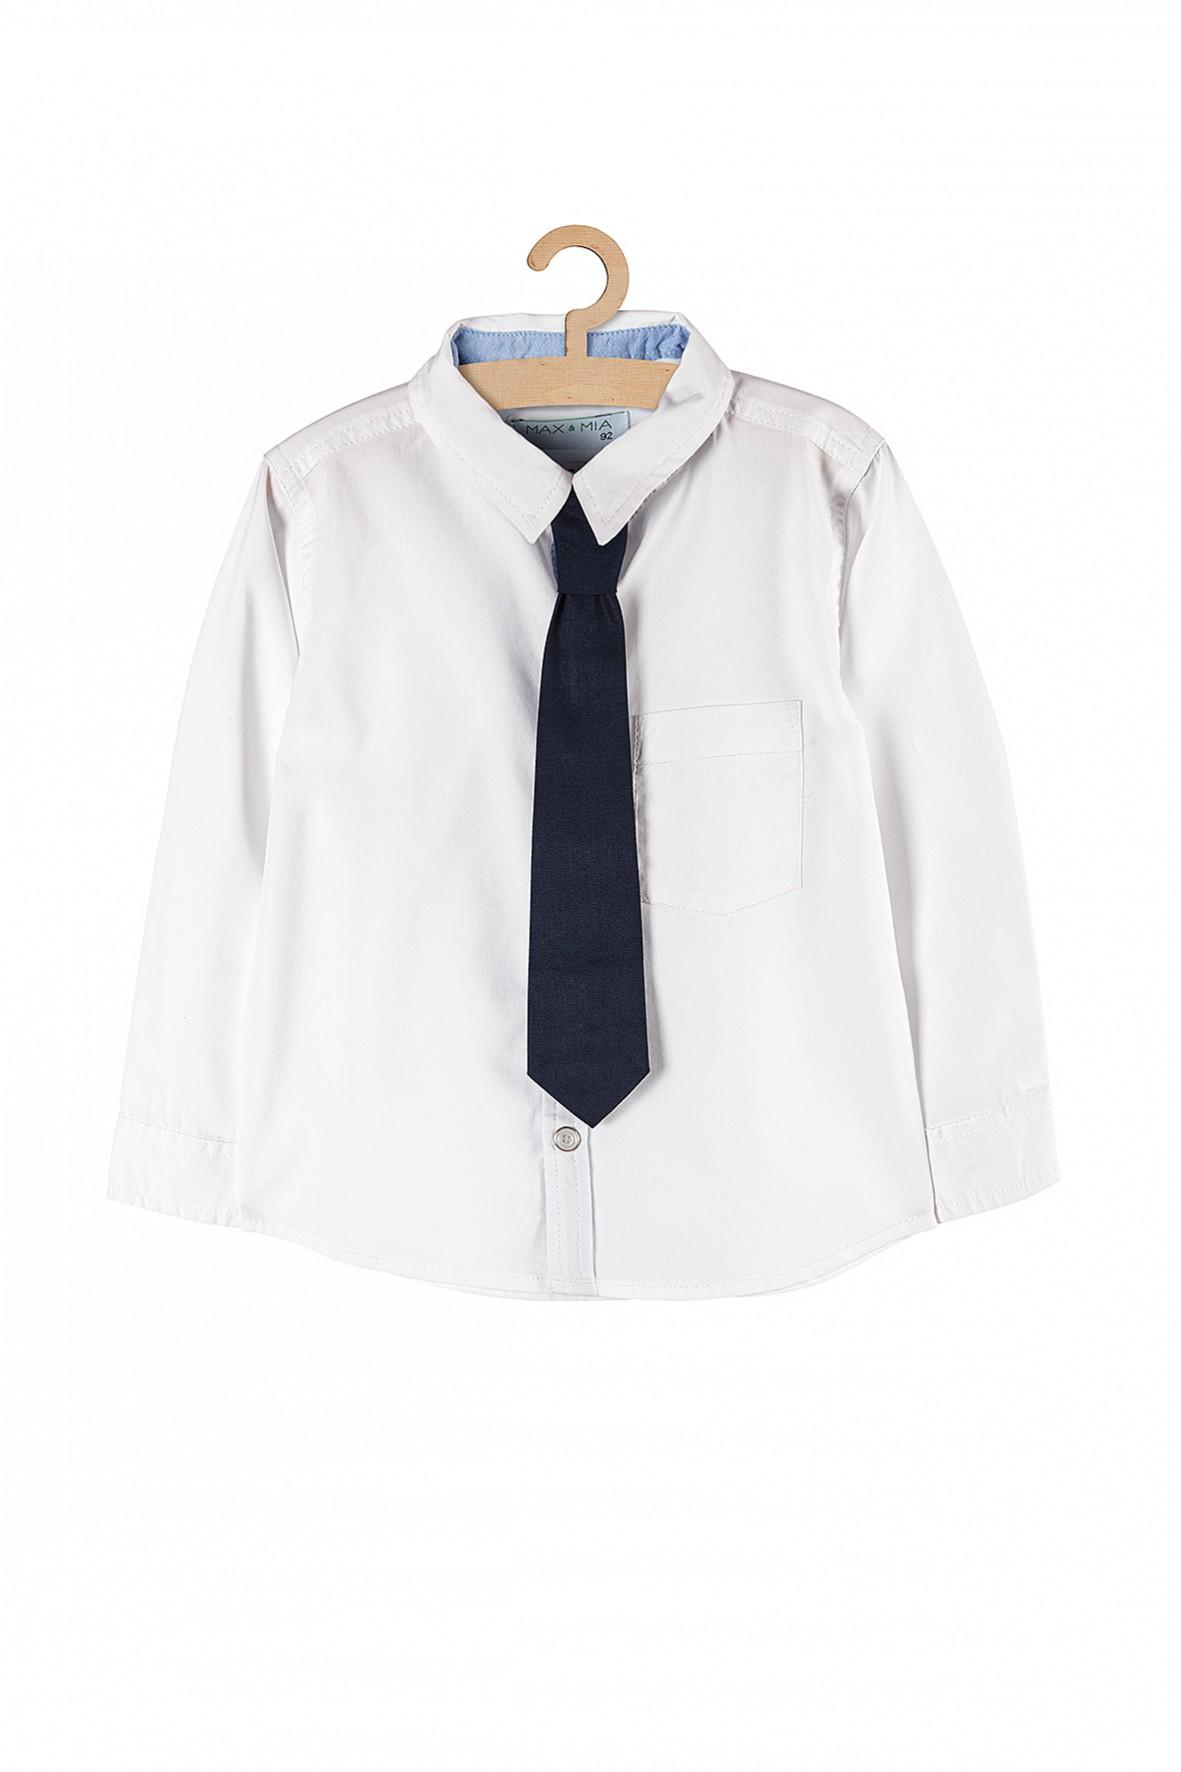 Koszula chłopięca biała z długim rękawem i krawatem